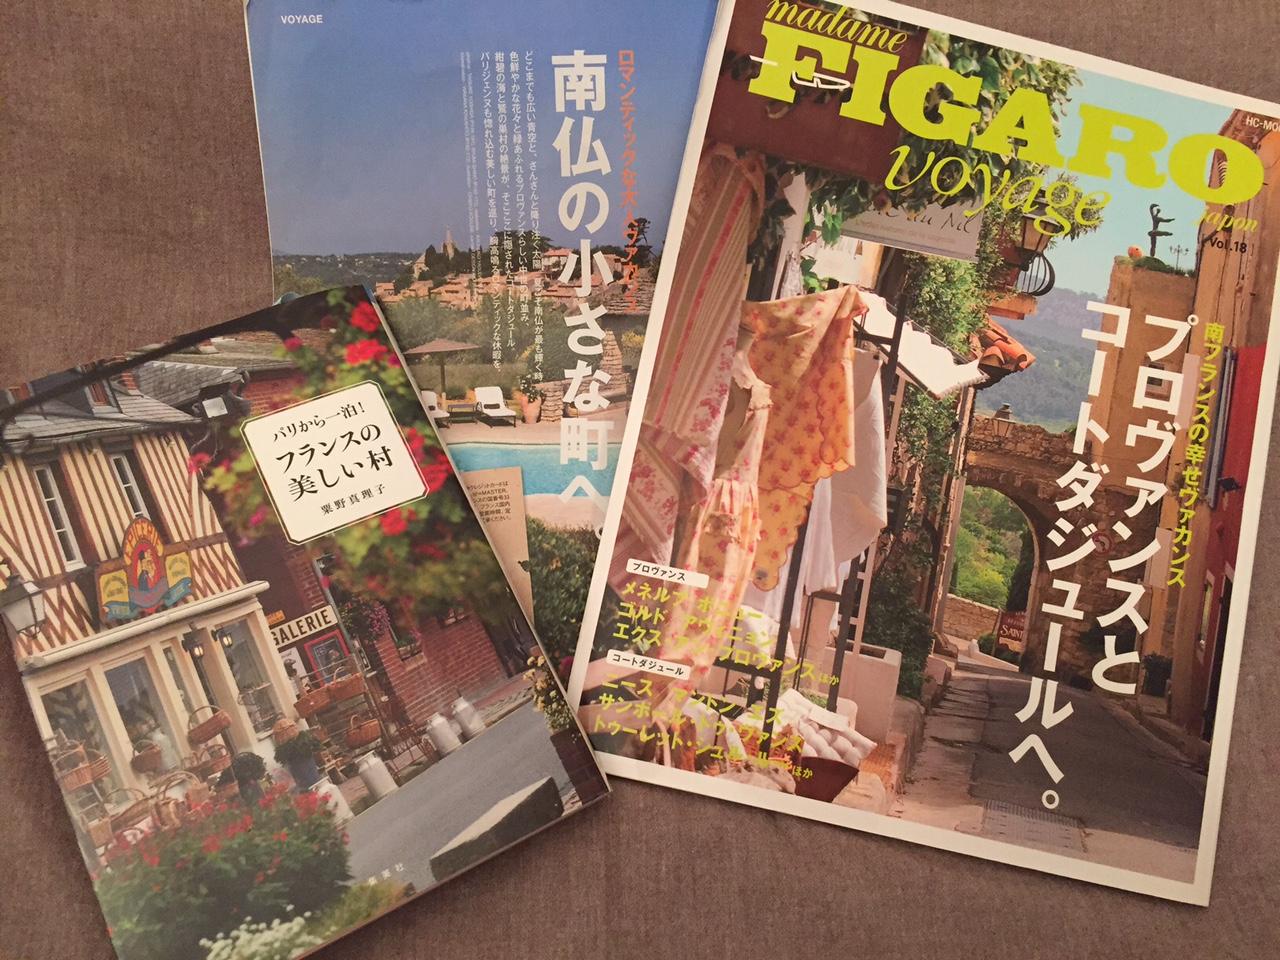 フランスの美しい村巡り~プロヴァンス&コートダジュール編~ Vol.1